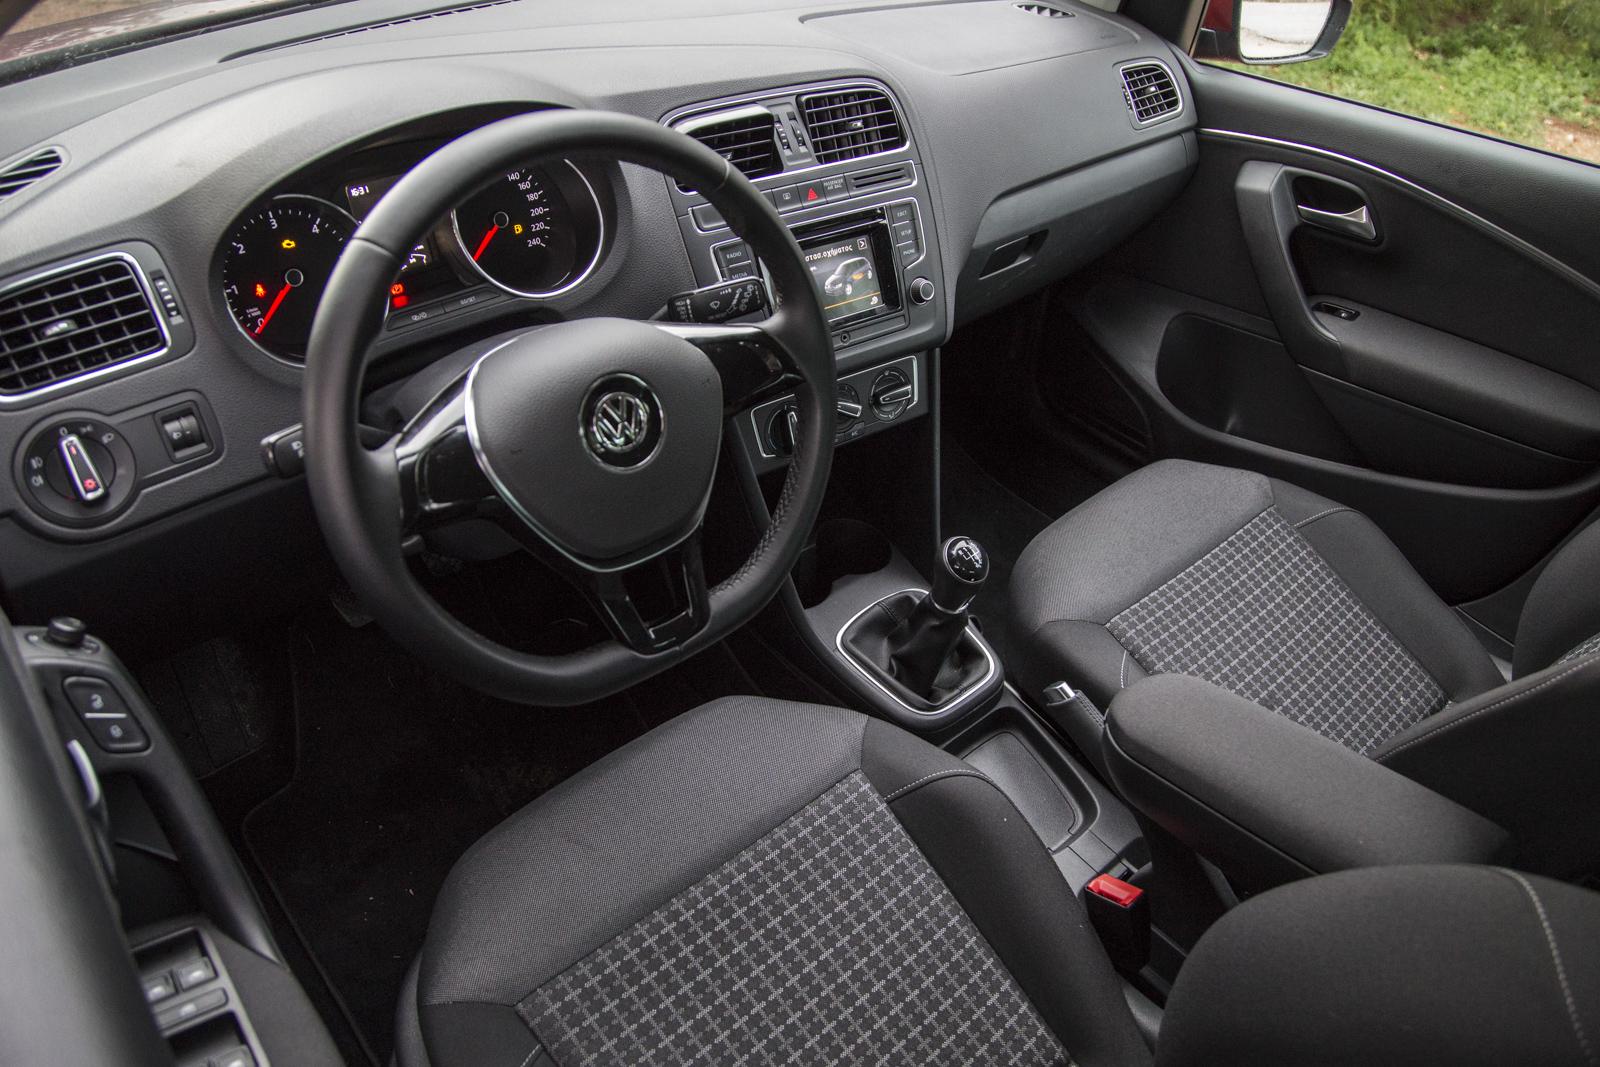 Test_Drive_VW_Polo_1.4_TDI_105_29